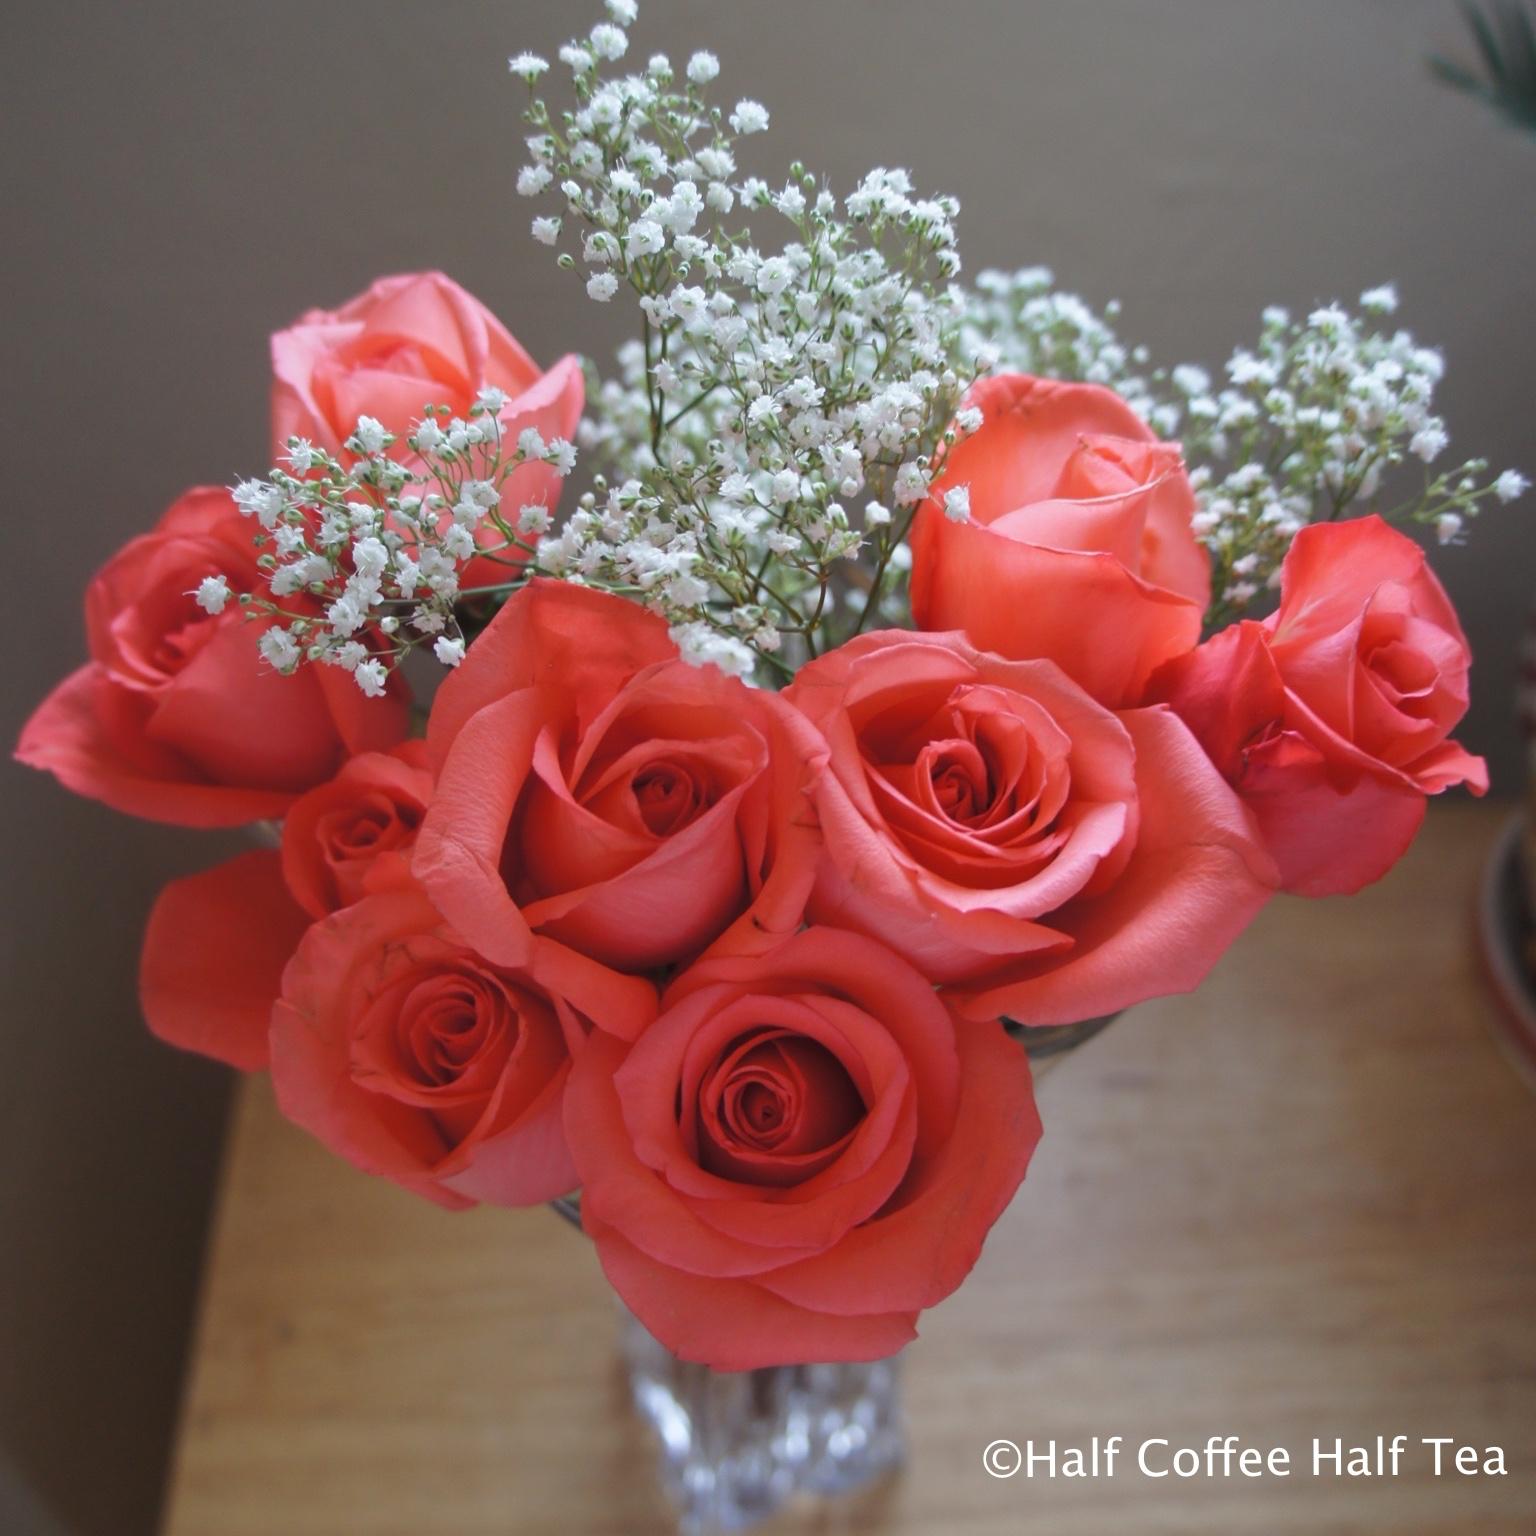 Test Tube Flower Vase | Half Coffee Half Tea